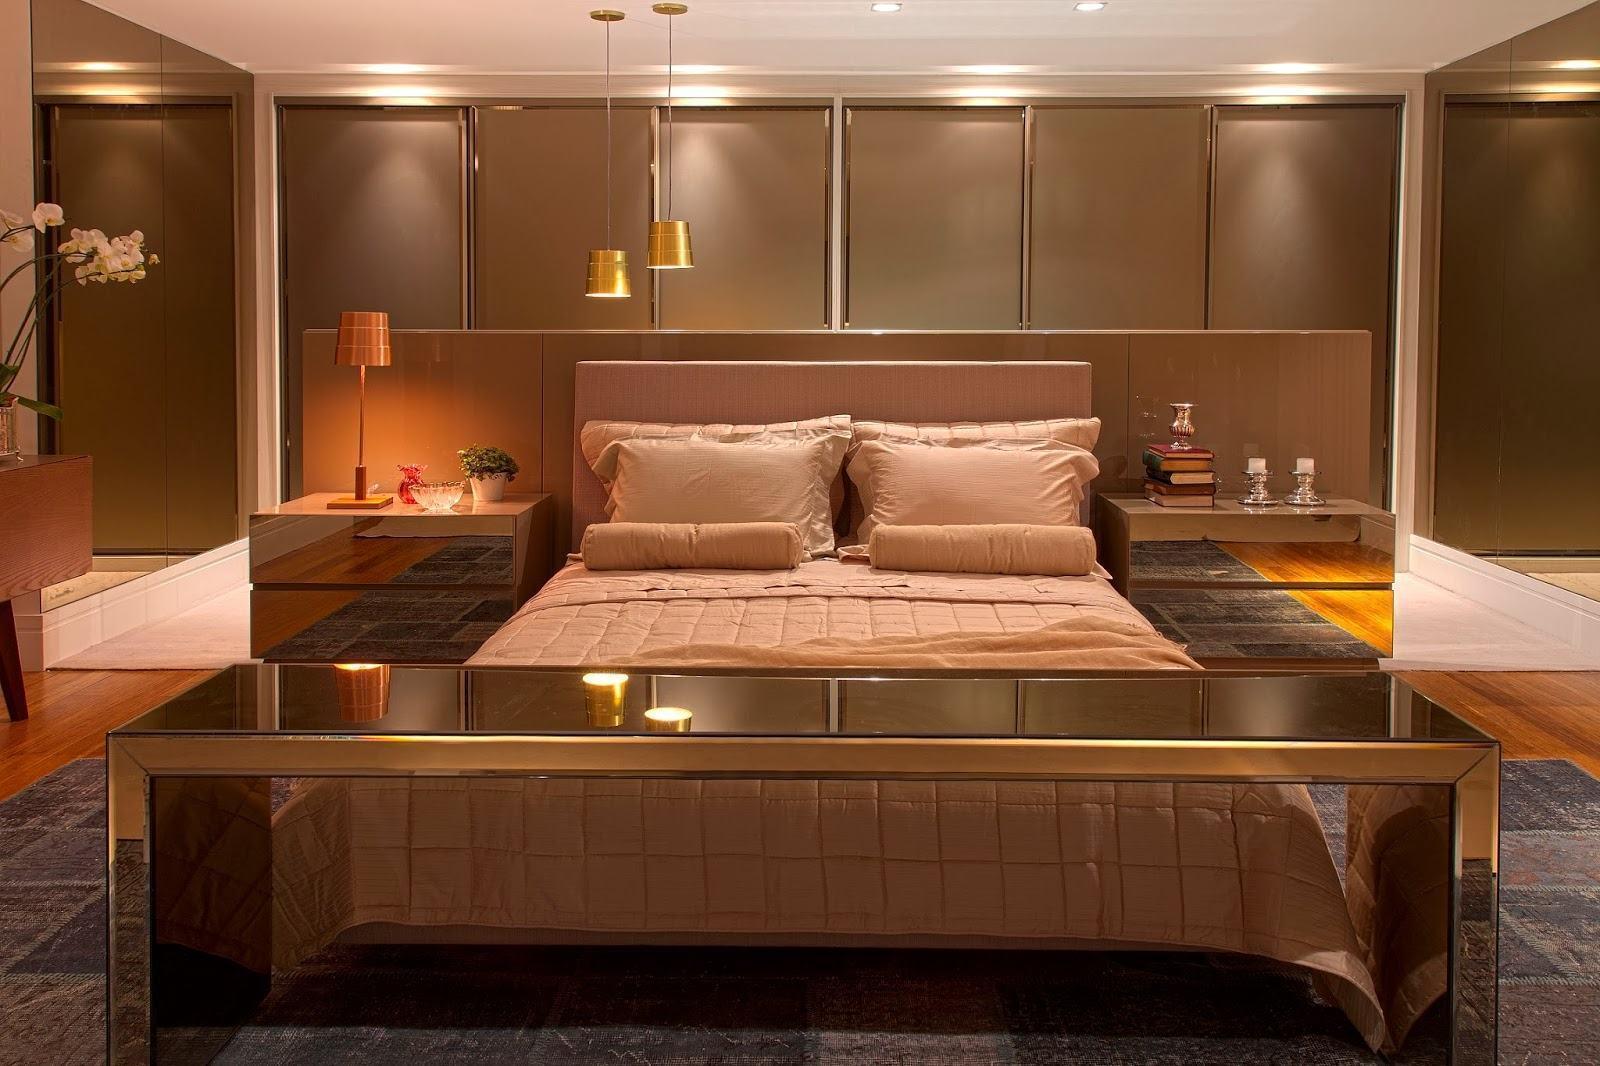 As portas inteiras revestidas do mesmo material harmonizaram o visual do fundo do quarto.